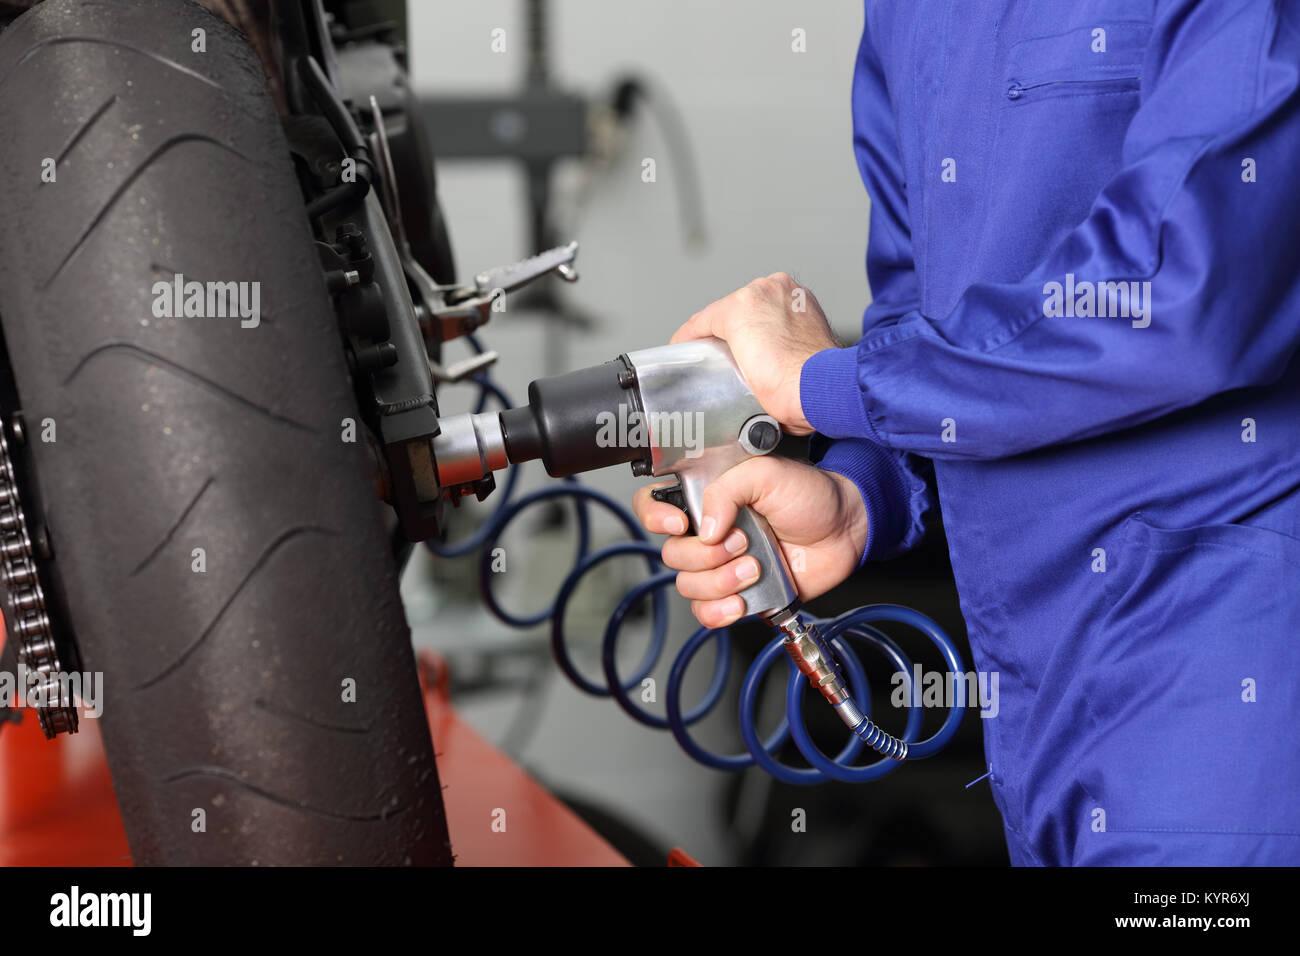 Gros plan d'une main usinb mécanicien de motocyclettes de travail un pistolet pneumatique pour serrer un Photo Stock